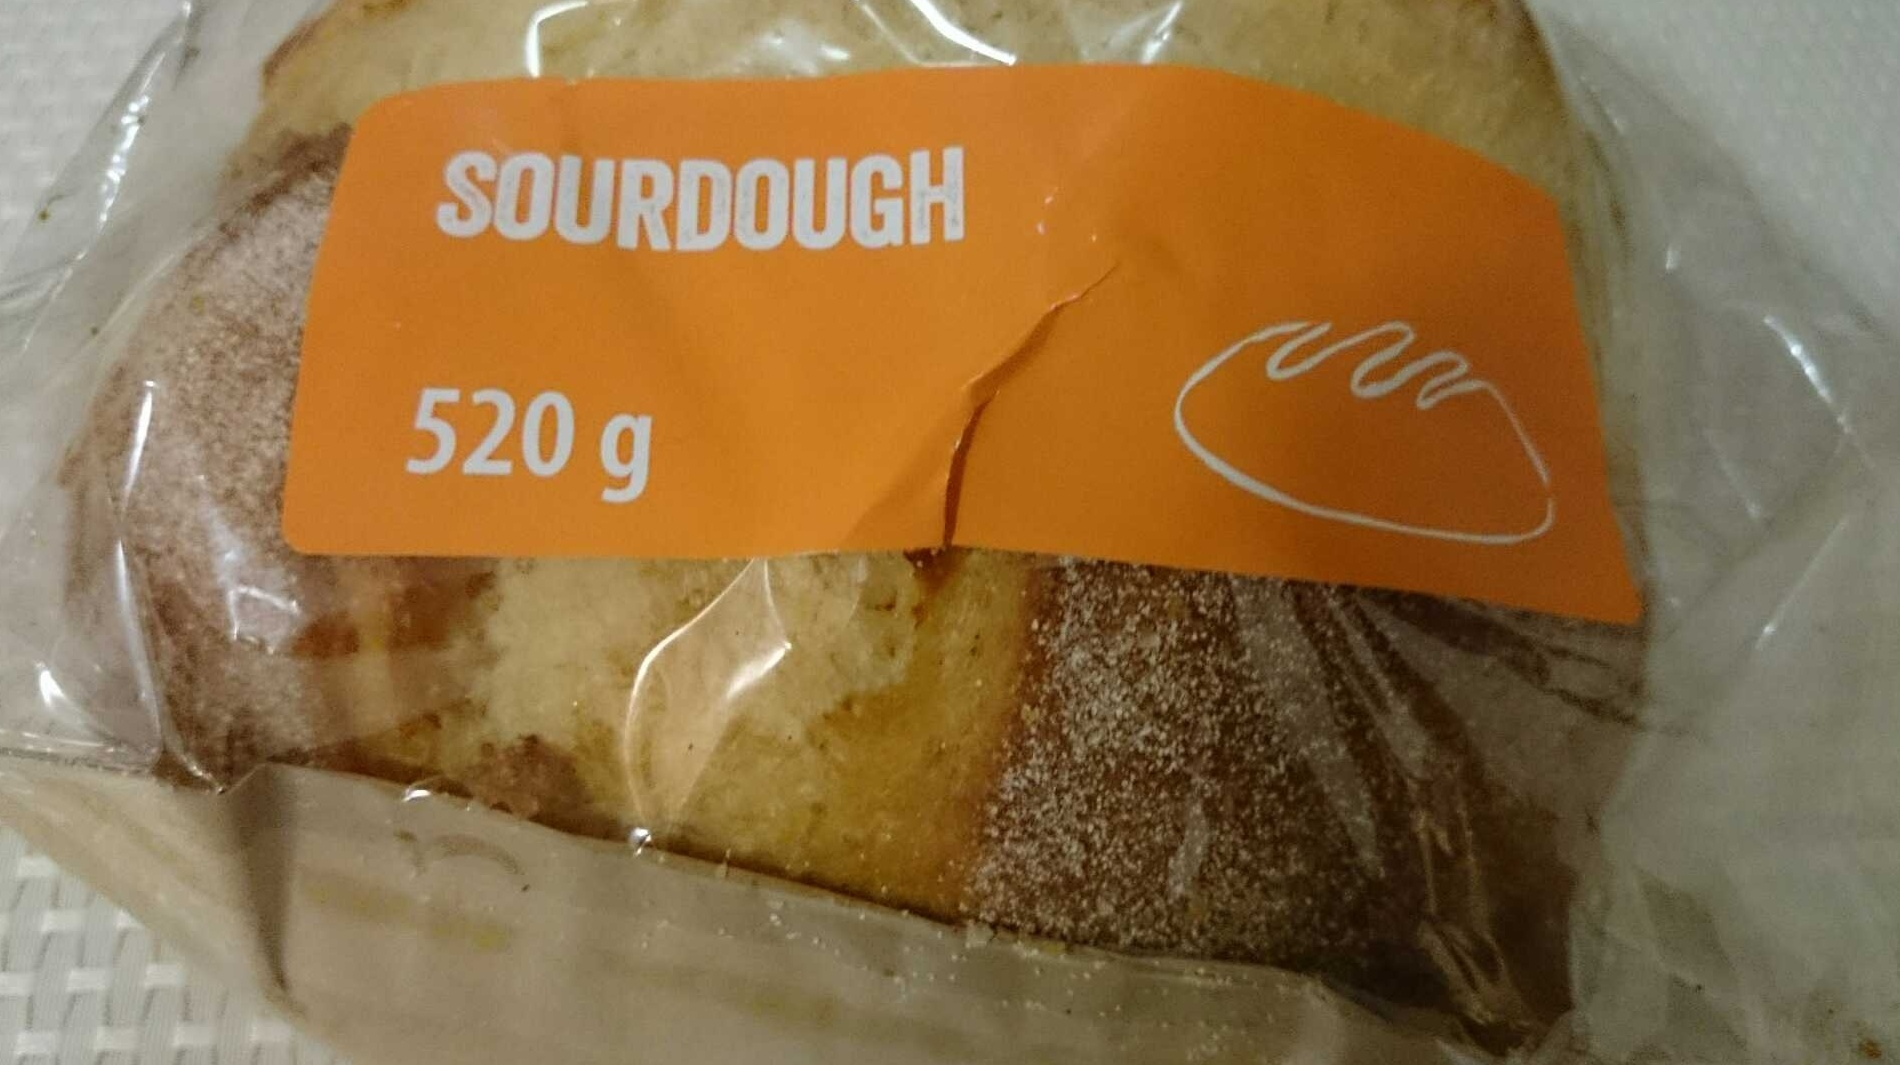 Sourdough Cobb - Product - en